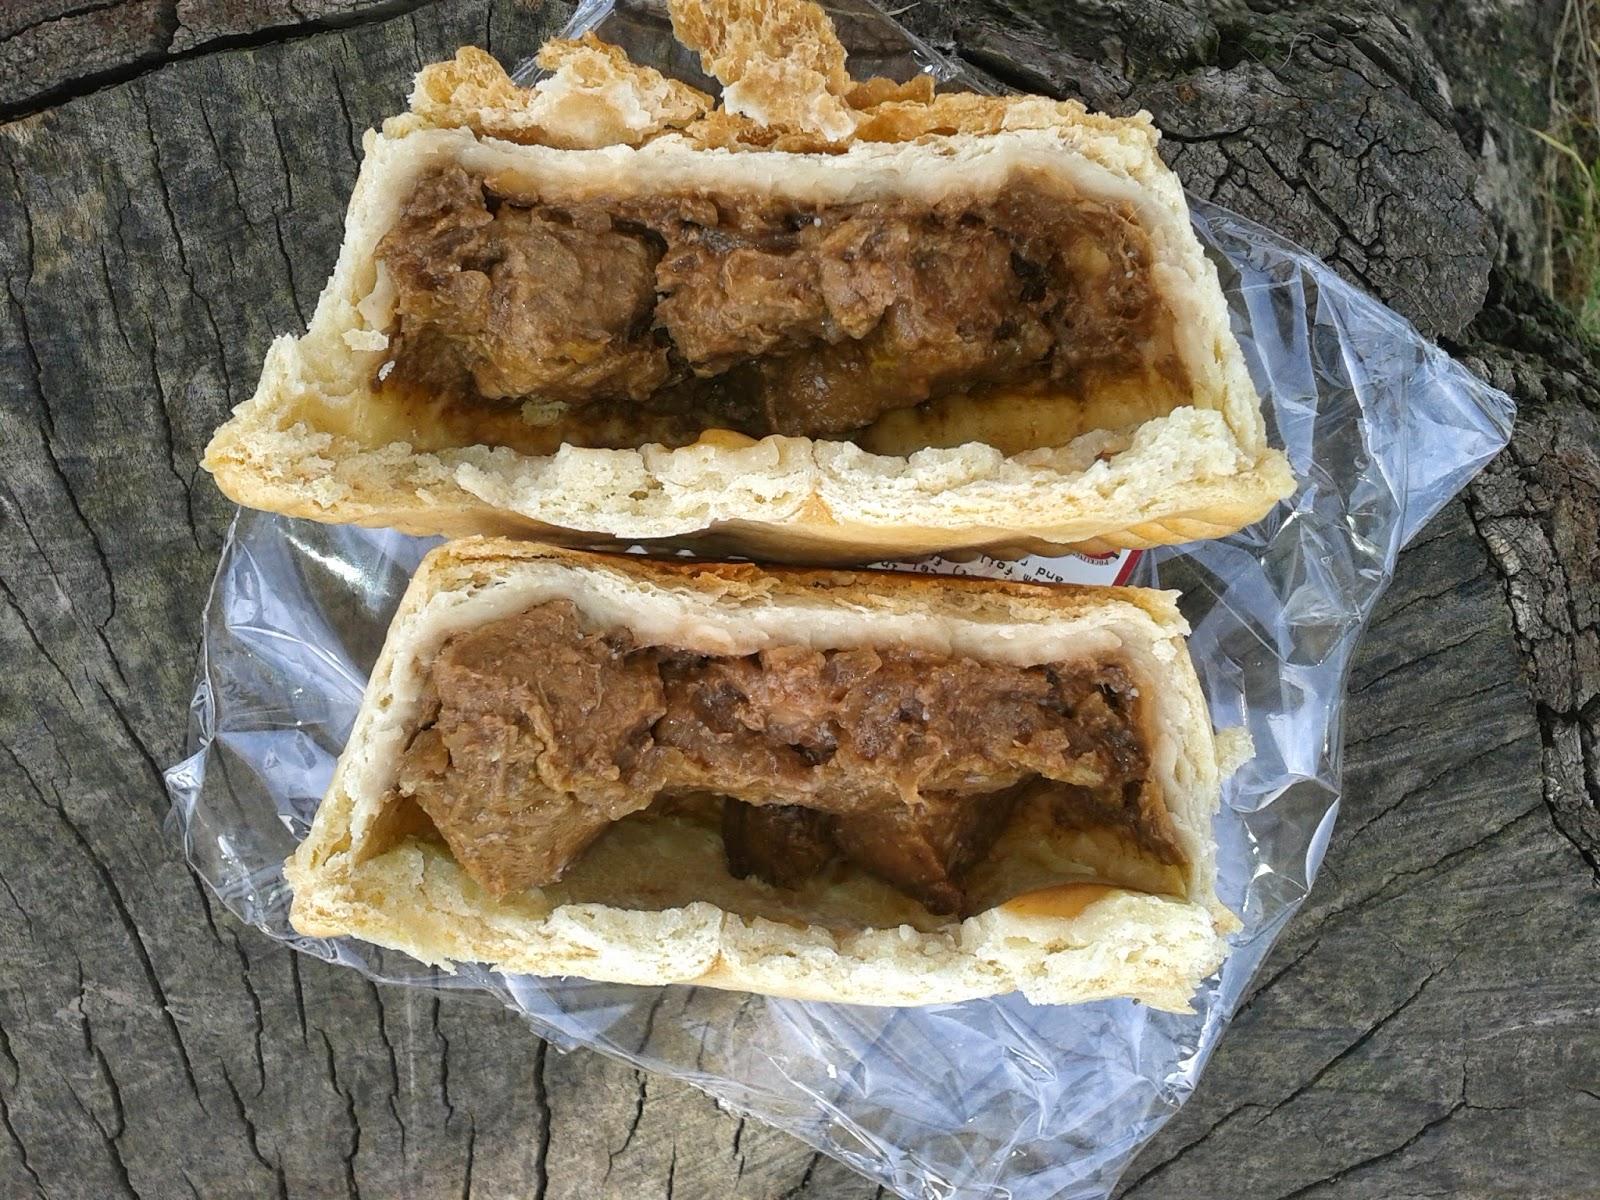 Pocklington's Steak Pie - Cold Edition Pie Review